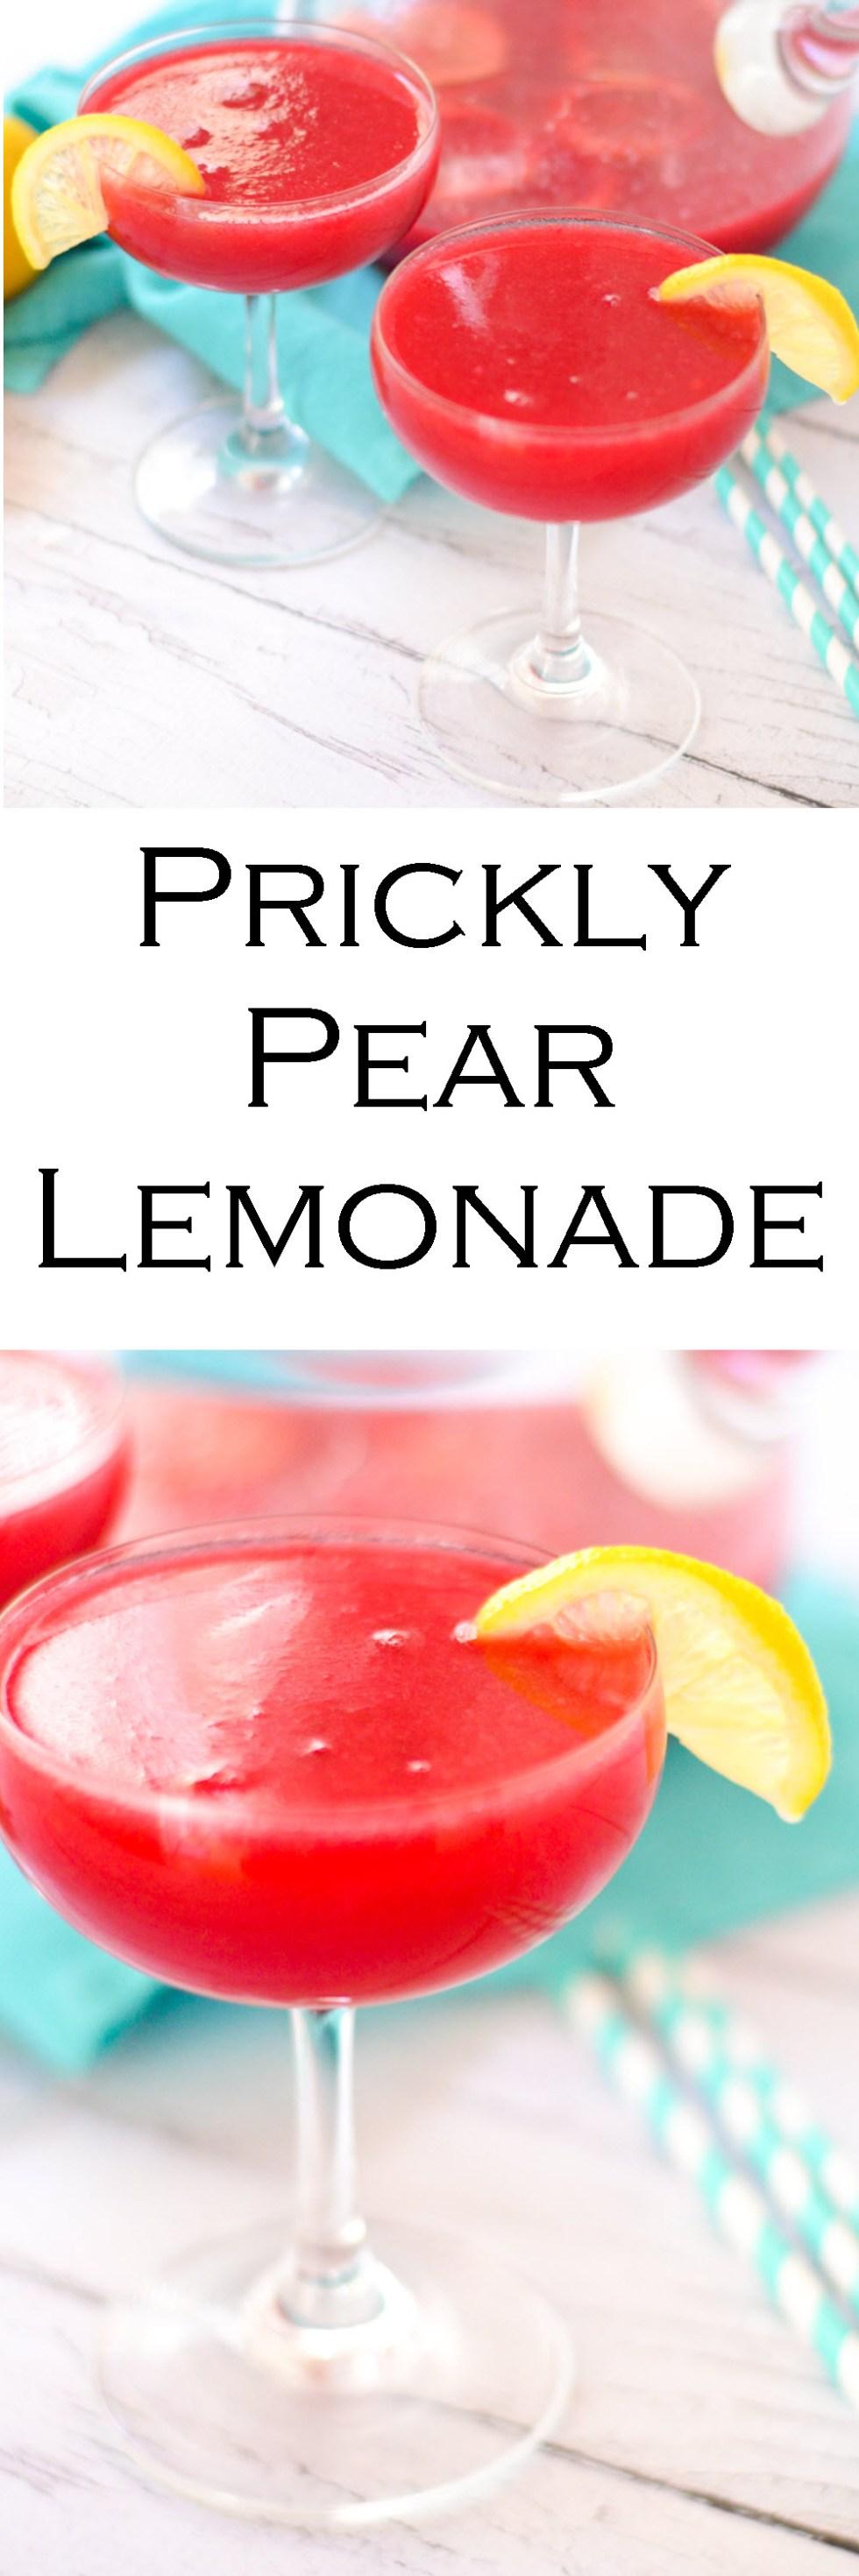 Prickly Pear Lemonade Recipe Made w. Cactus Pears